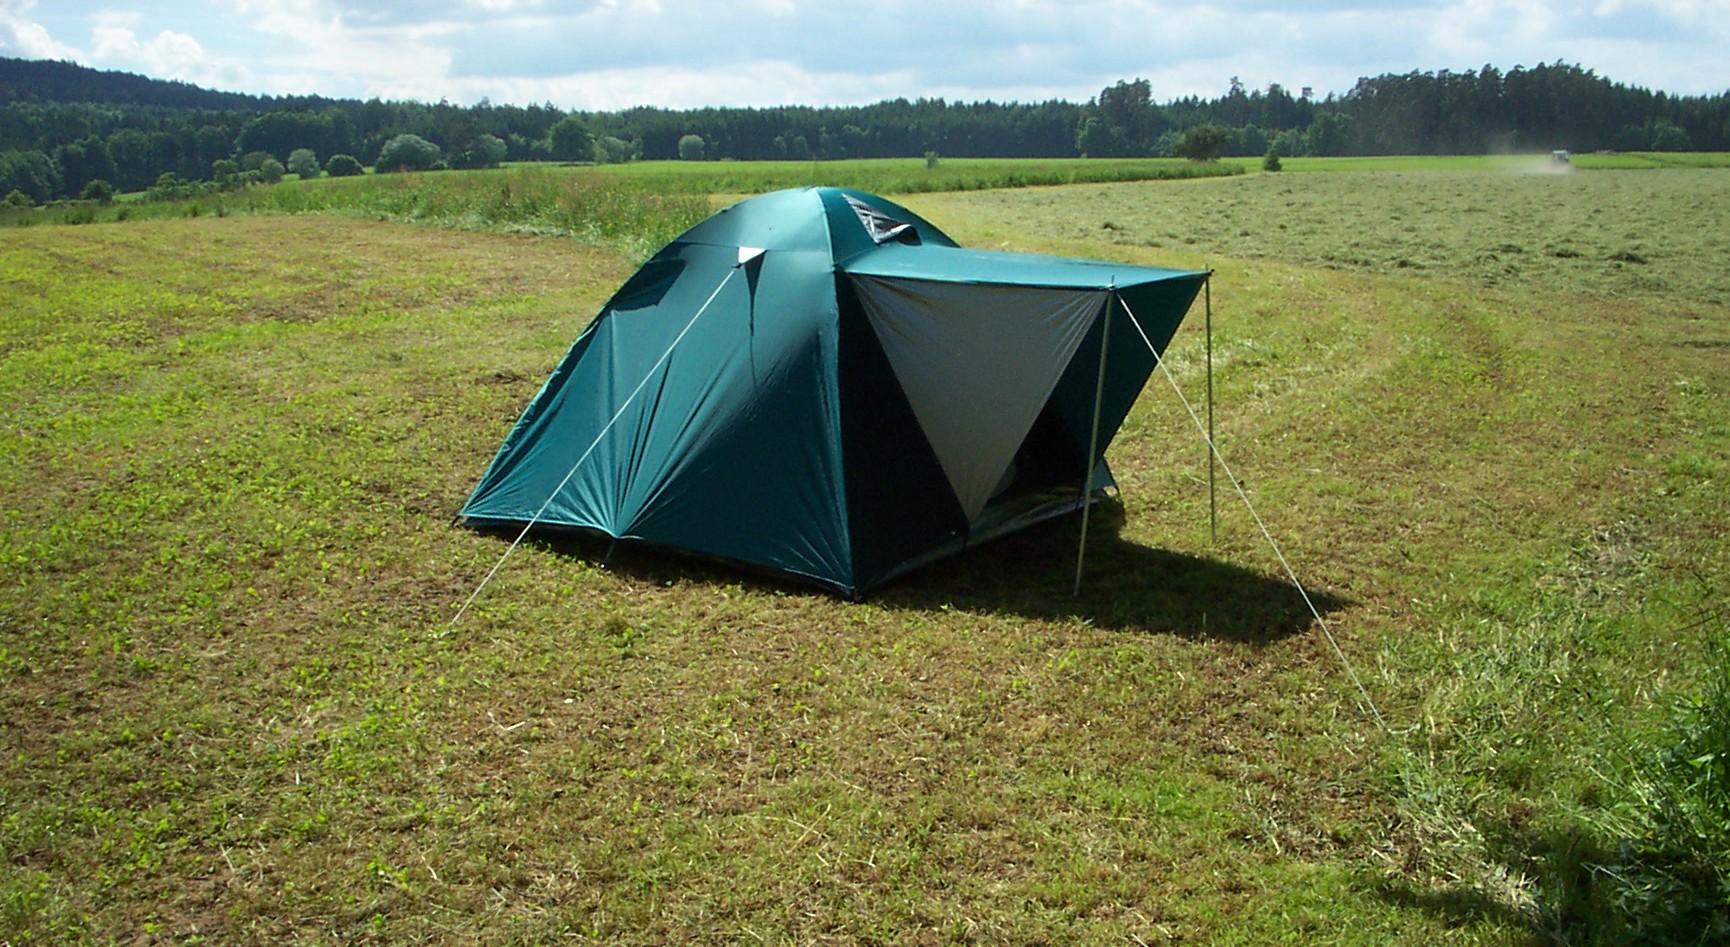 Zelt Auf Wohnmobilstellplatz : File zelt auf wiese g wikimedia commons